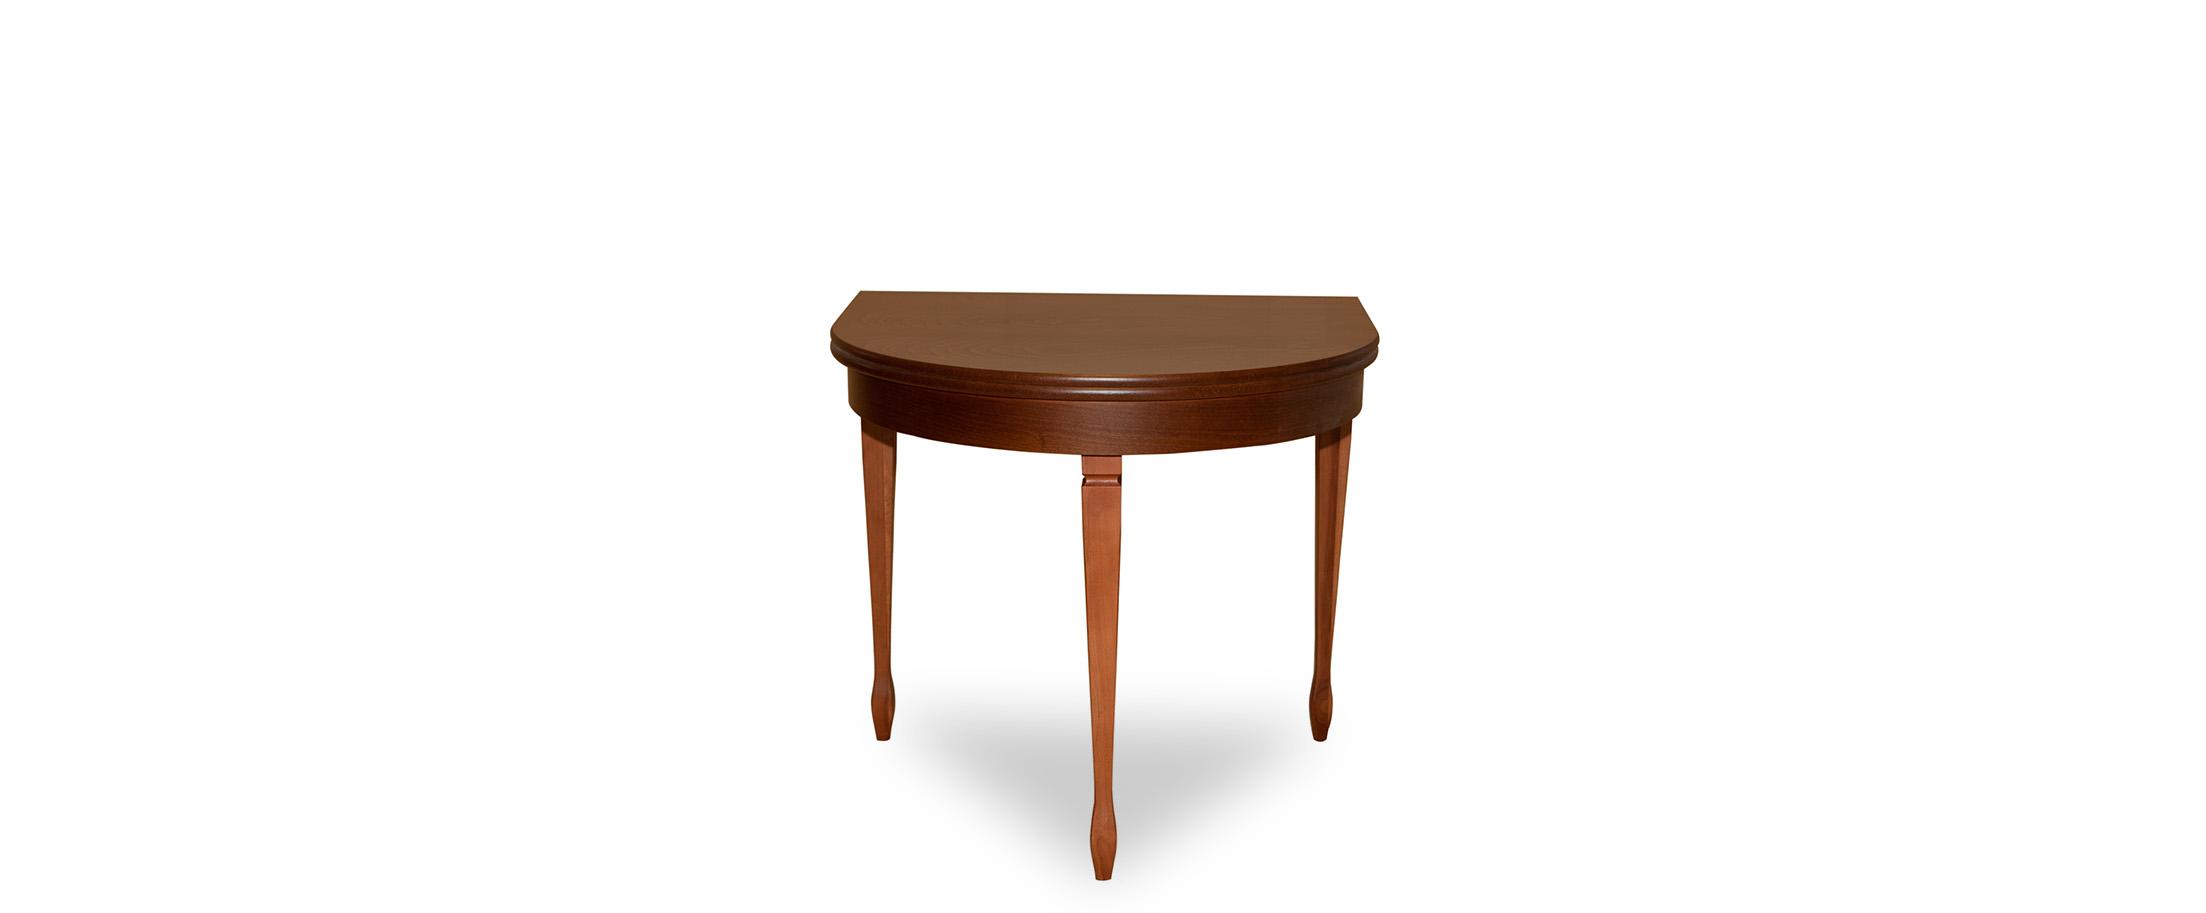 Стол обеденный Фламинго 7 Американский орех Модель 370Ножки стола из массива дерева, столешница из шпона МДФ. Не образует трещин, идеально сохраняет компактную полукруглую форму. Гарантия 18 месяцев. Доставка от 1 дня. Цвет коричневый.<br>